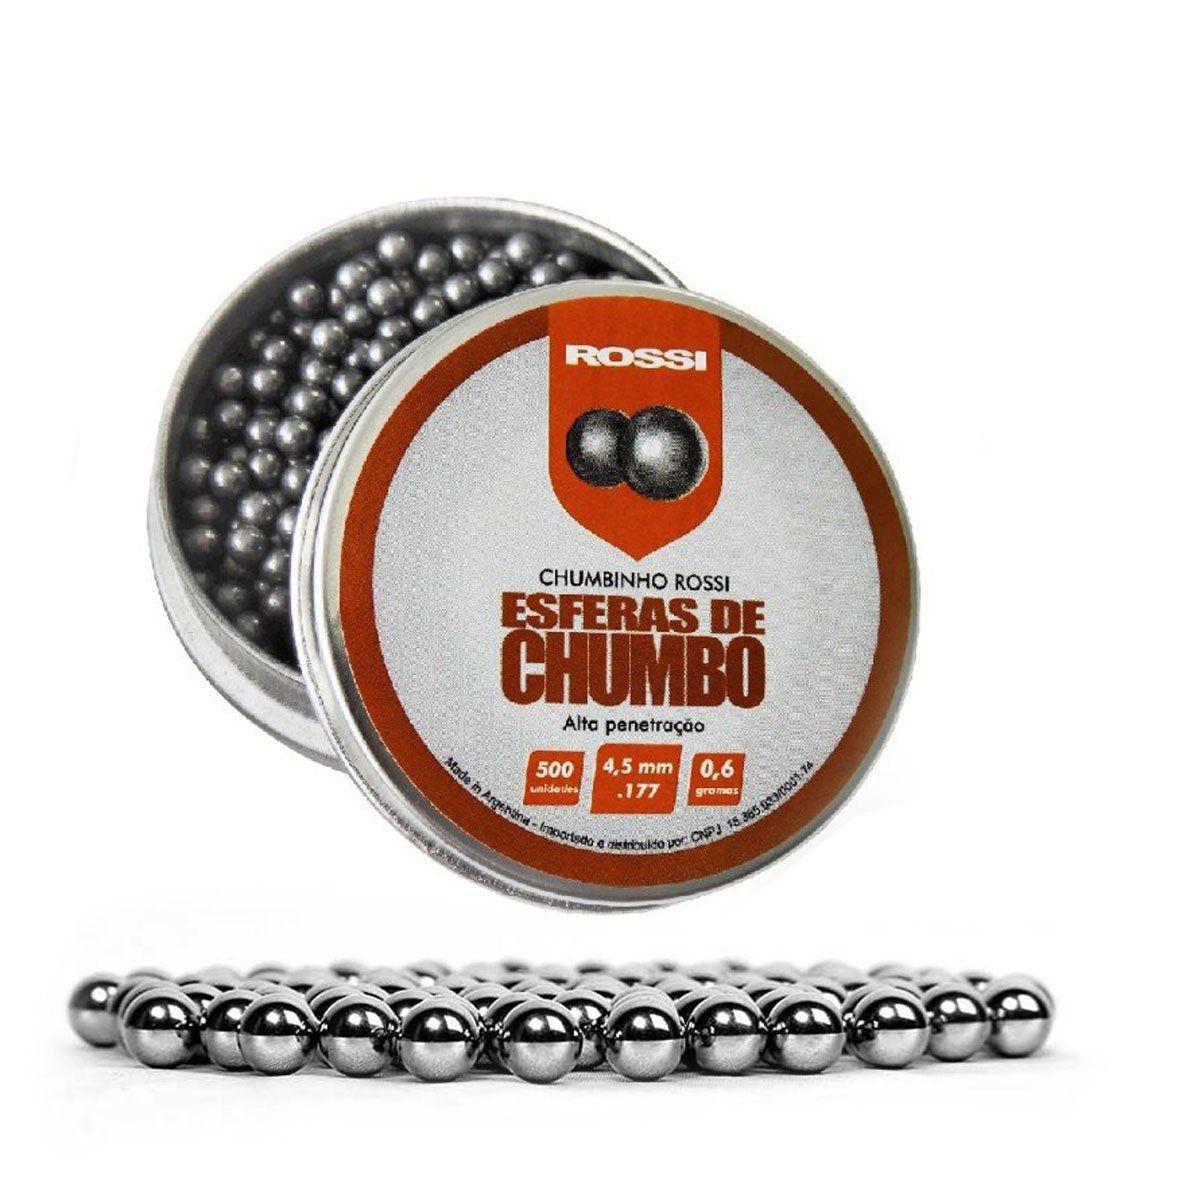 Esferas de Chumbo Rossi 4,5mm 500 unidades